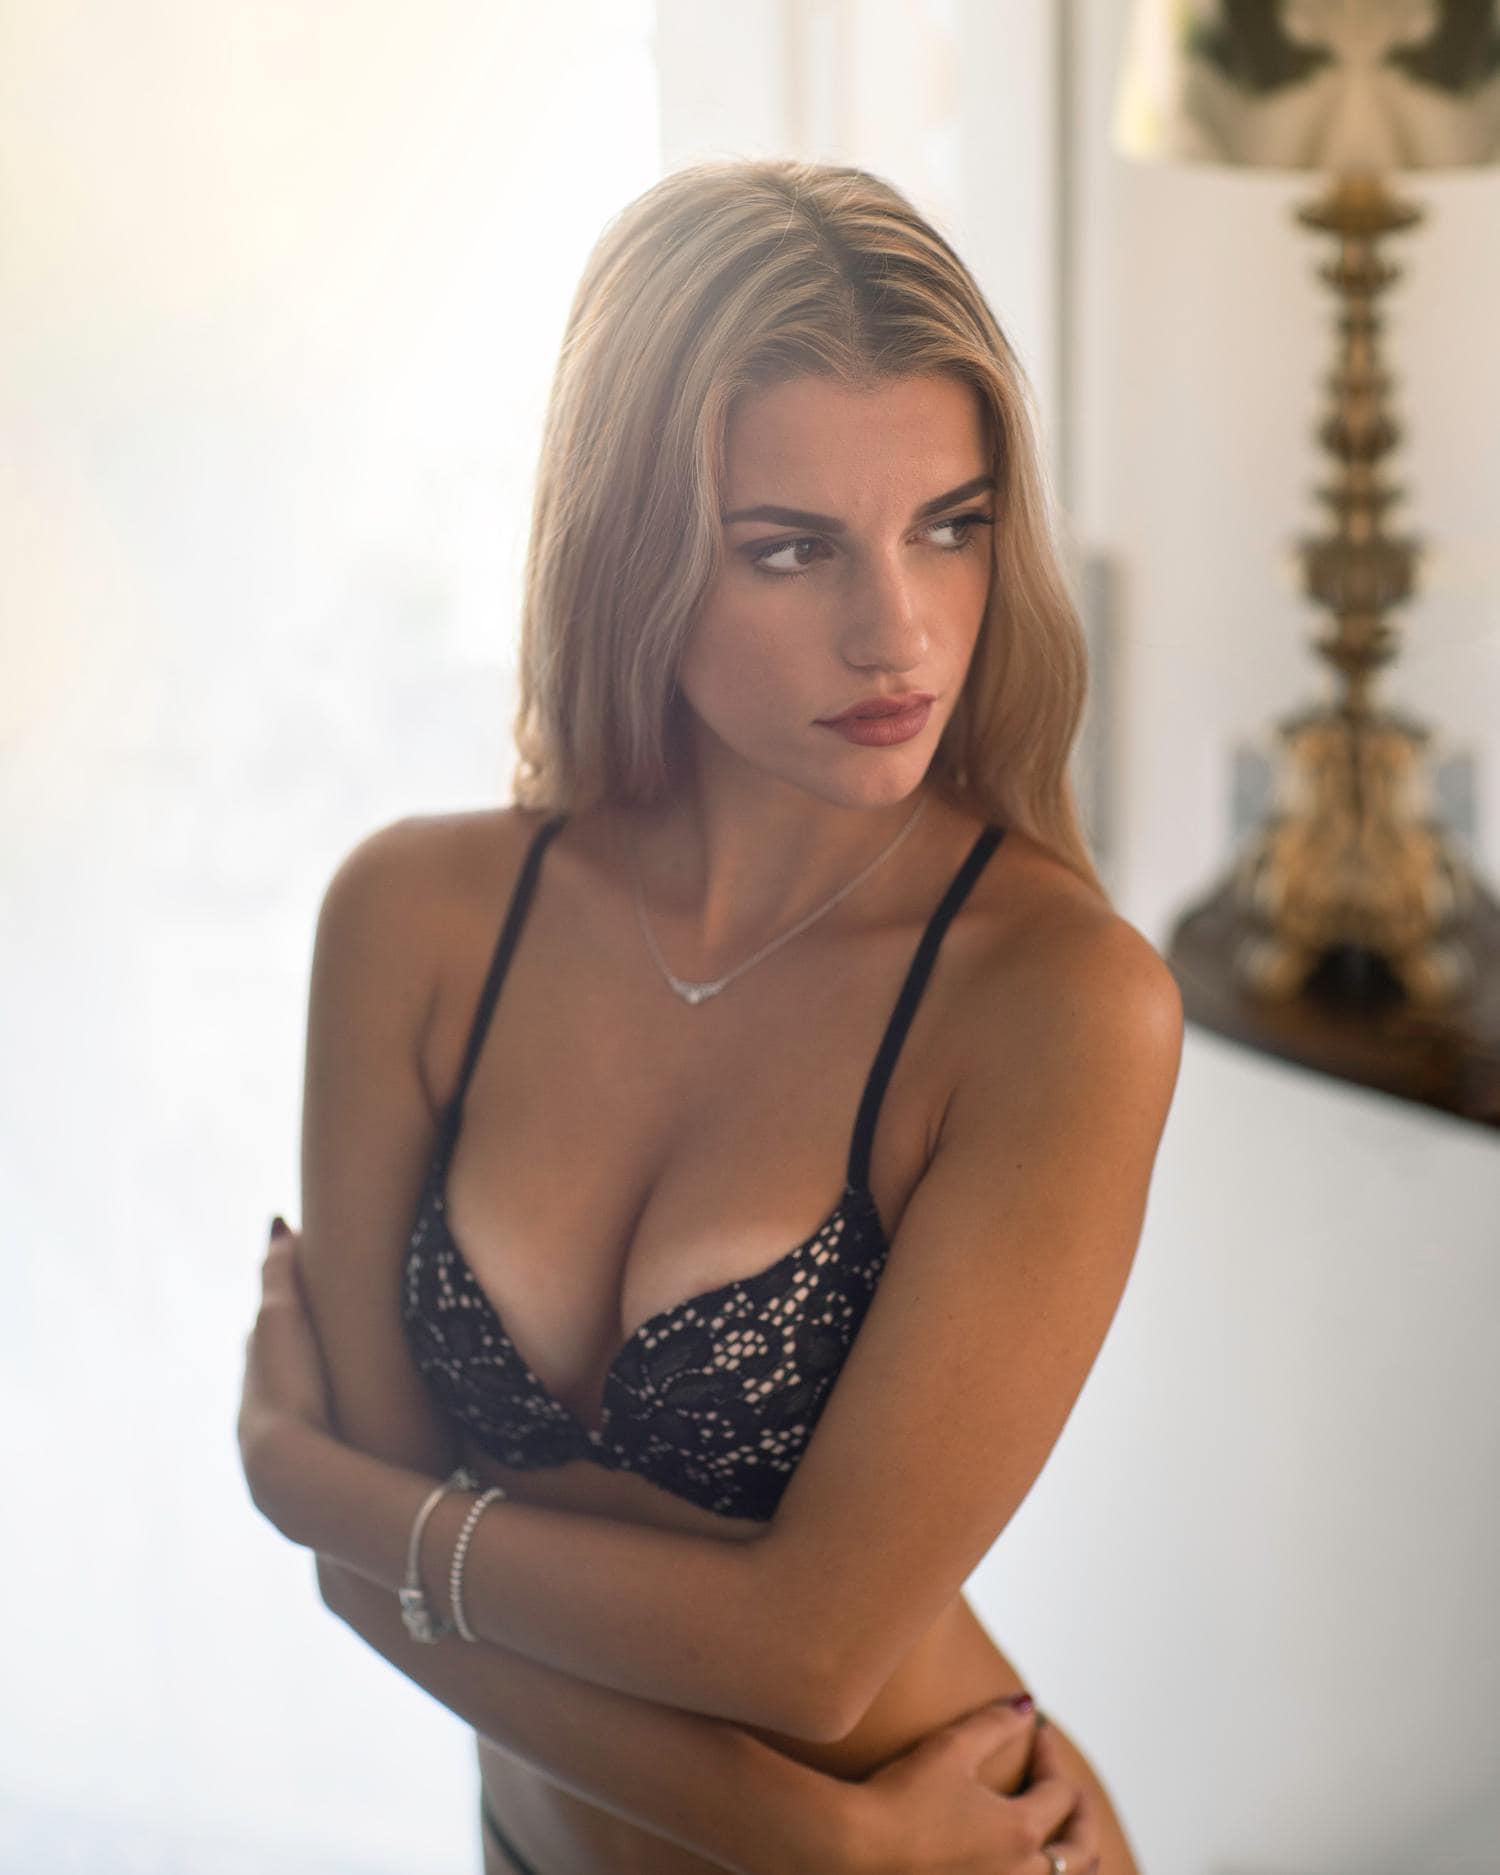 Mujer posando para foto boudoir